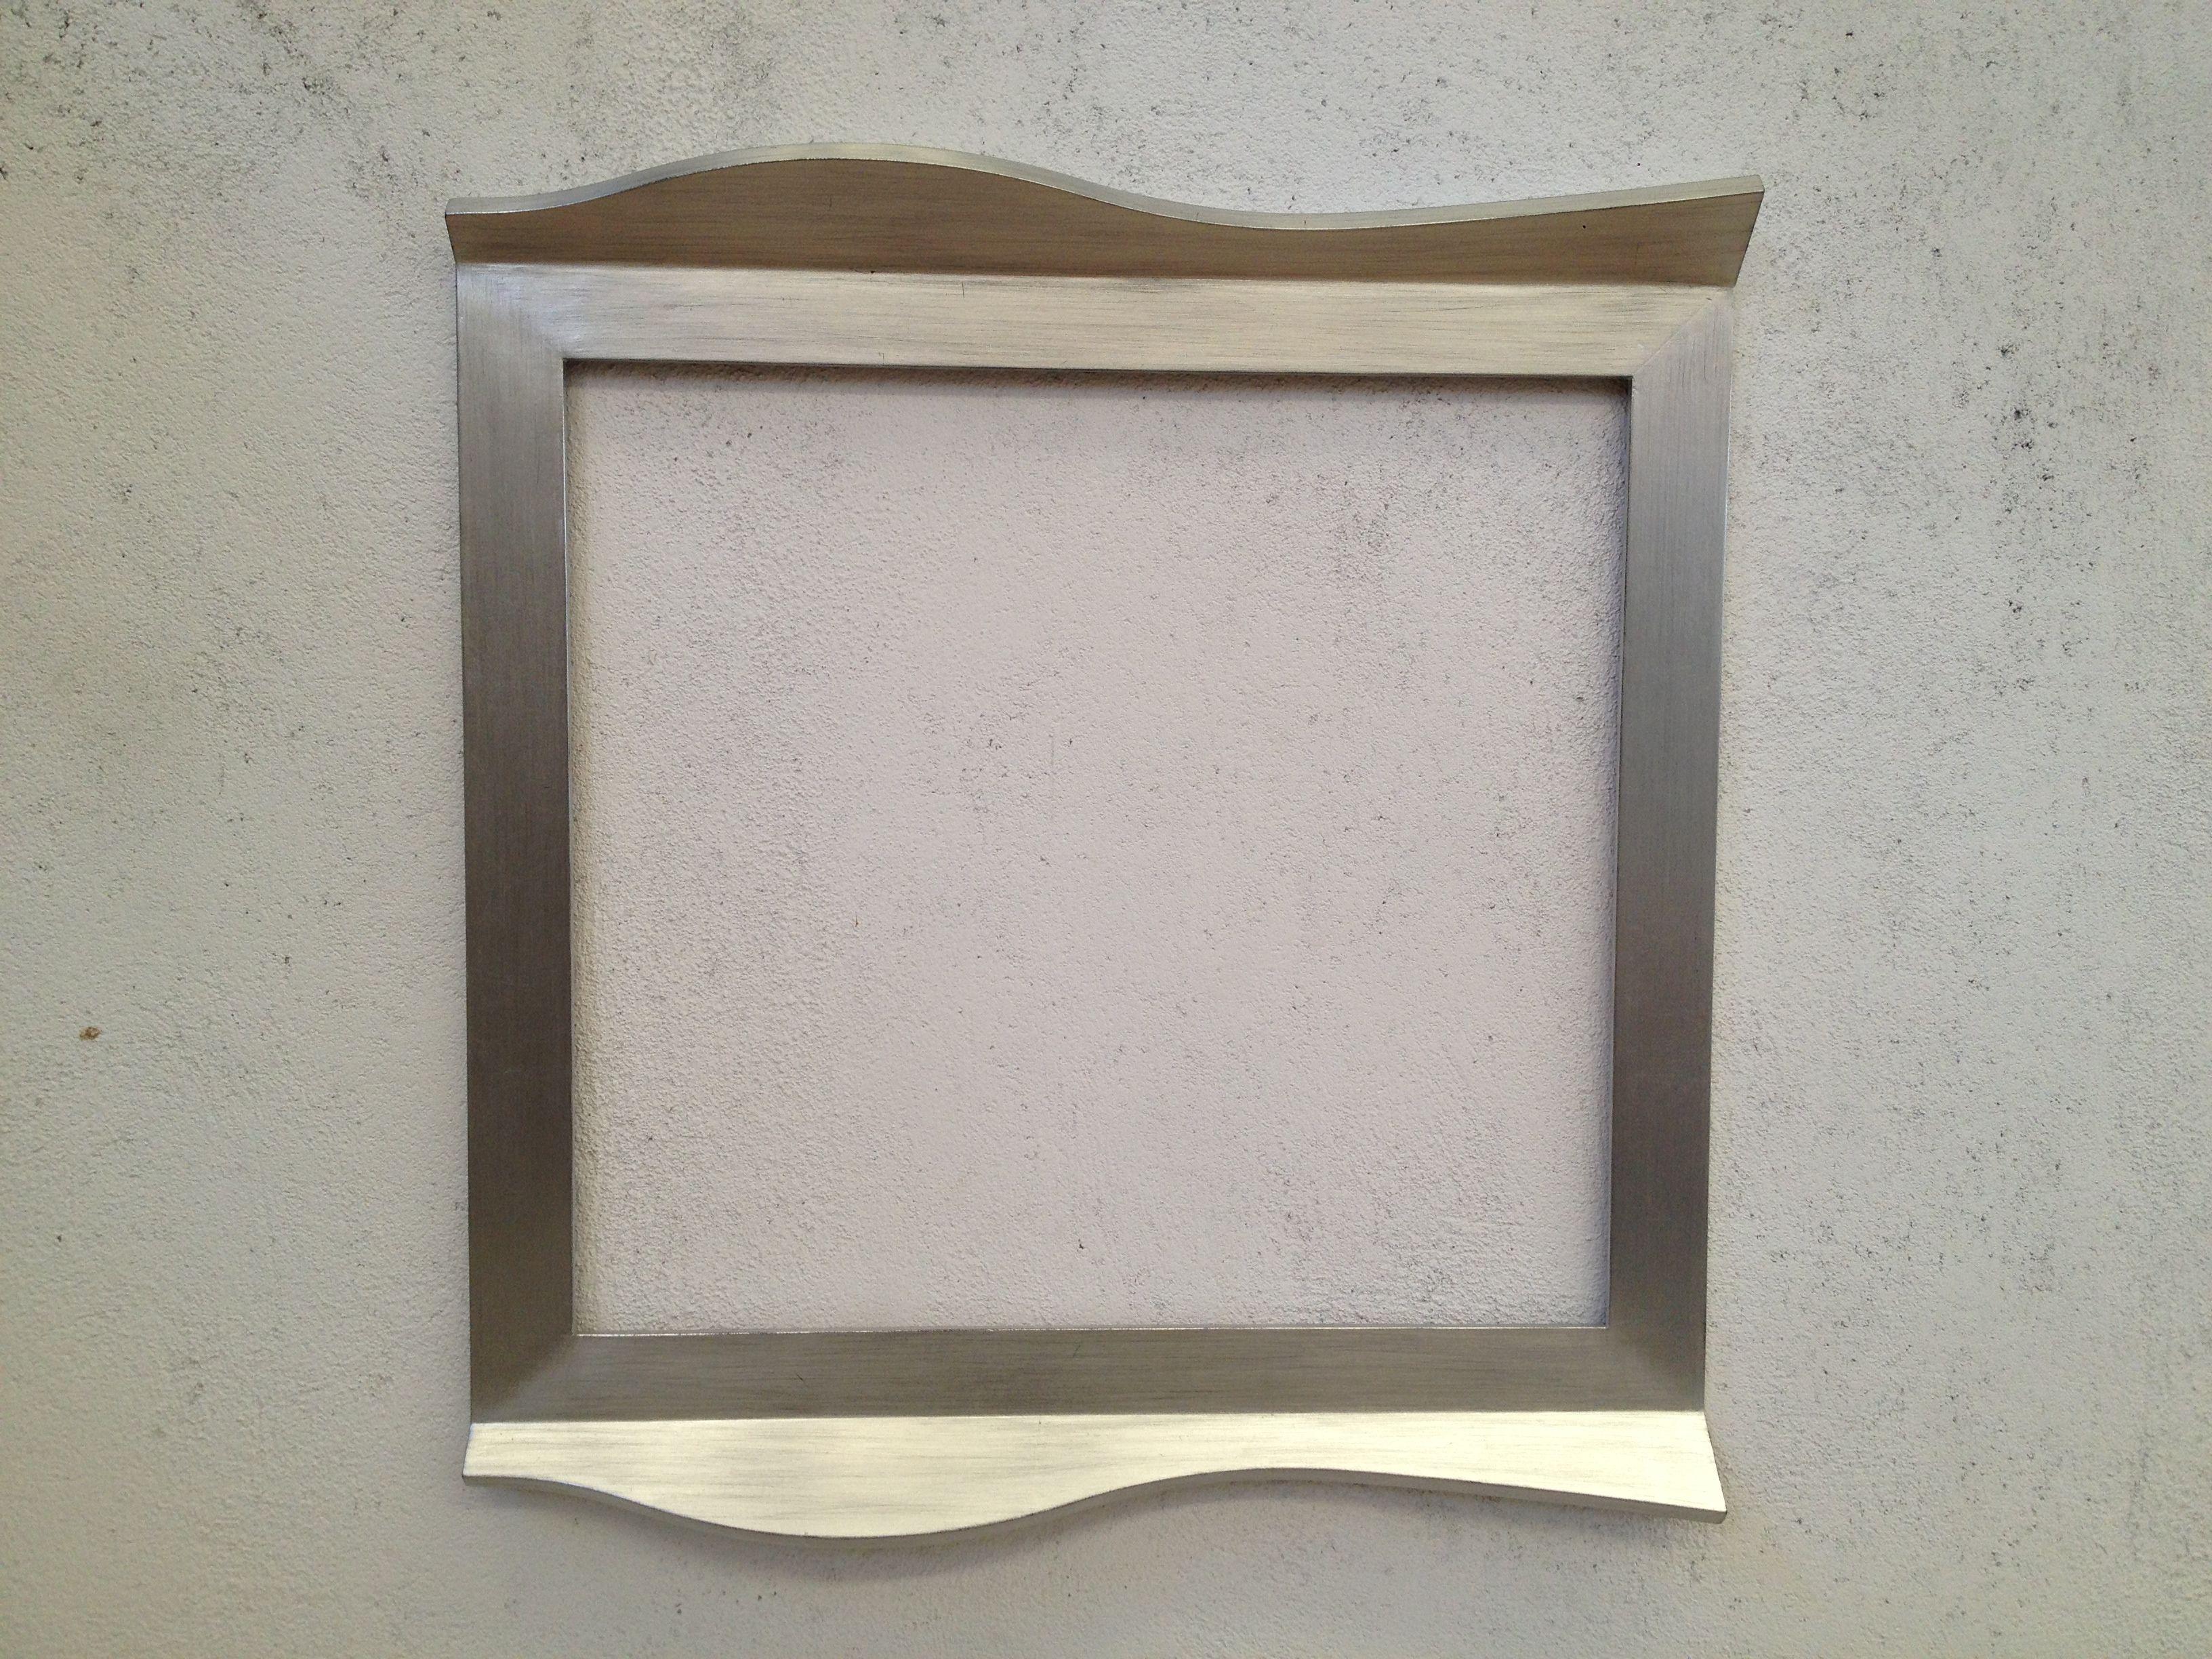 Espejo moderno pan de plata espejo alas pan de plata for Espejos diseno moderno